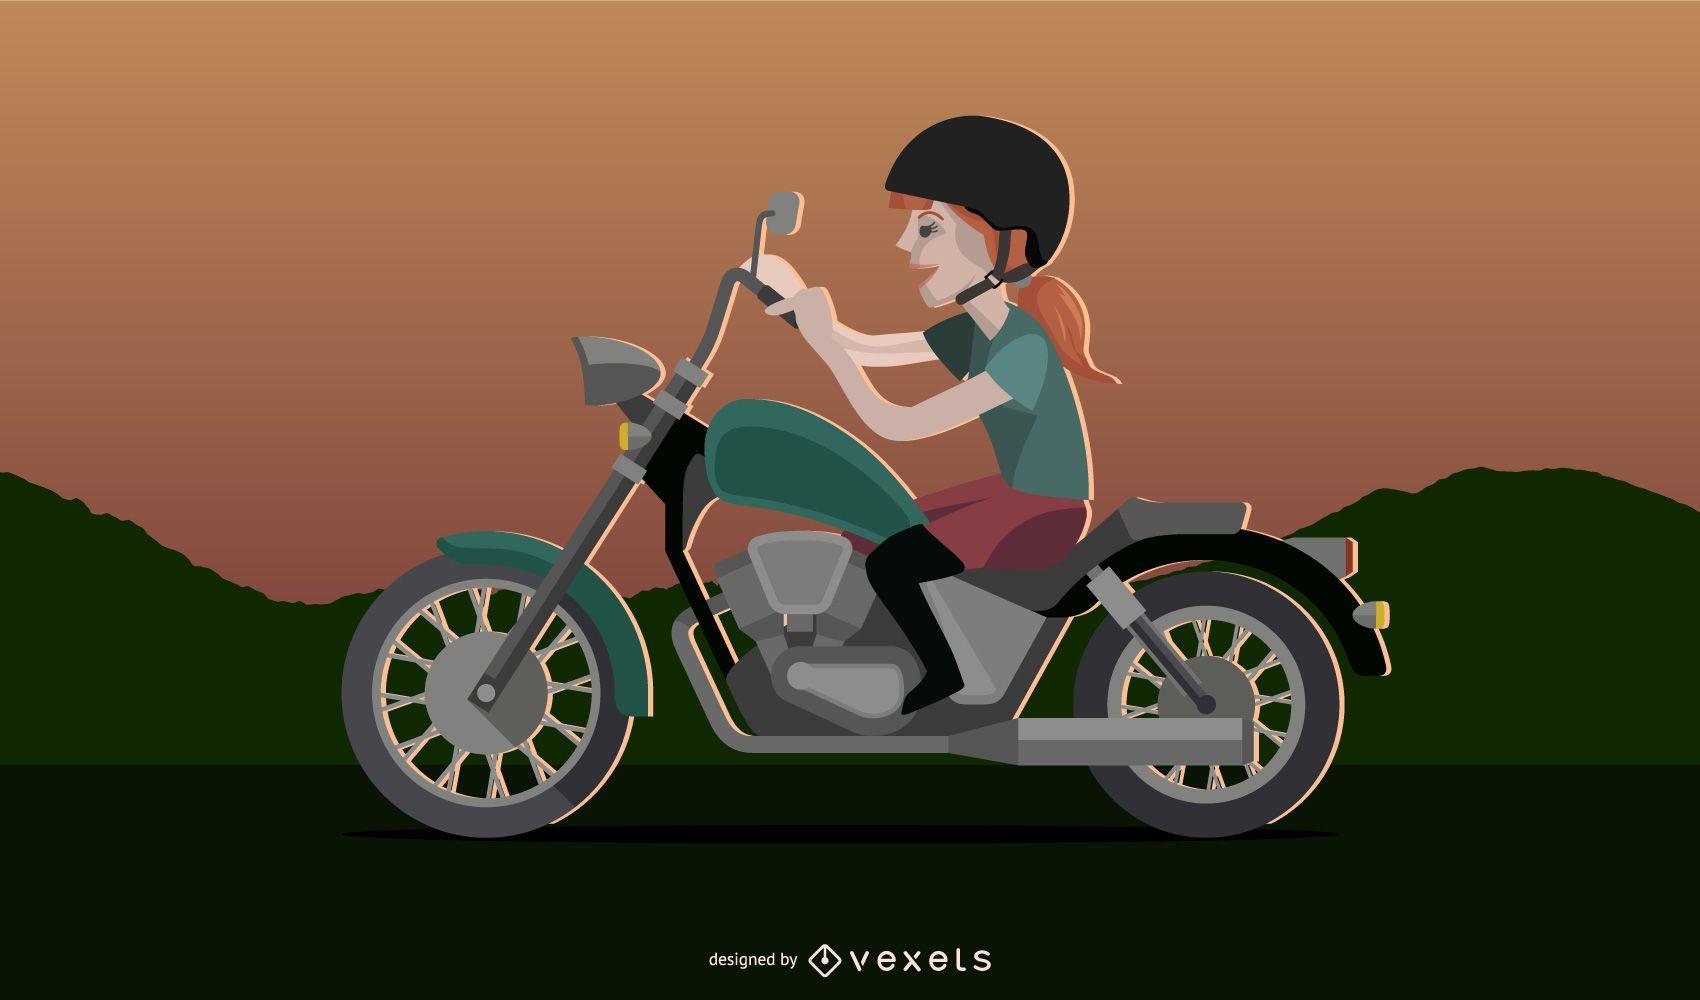 Motorcycle girl 2